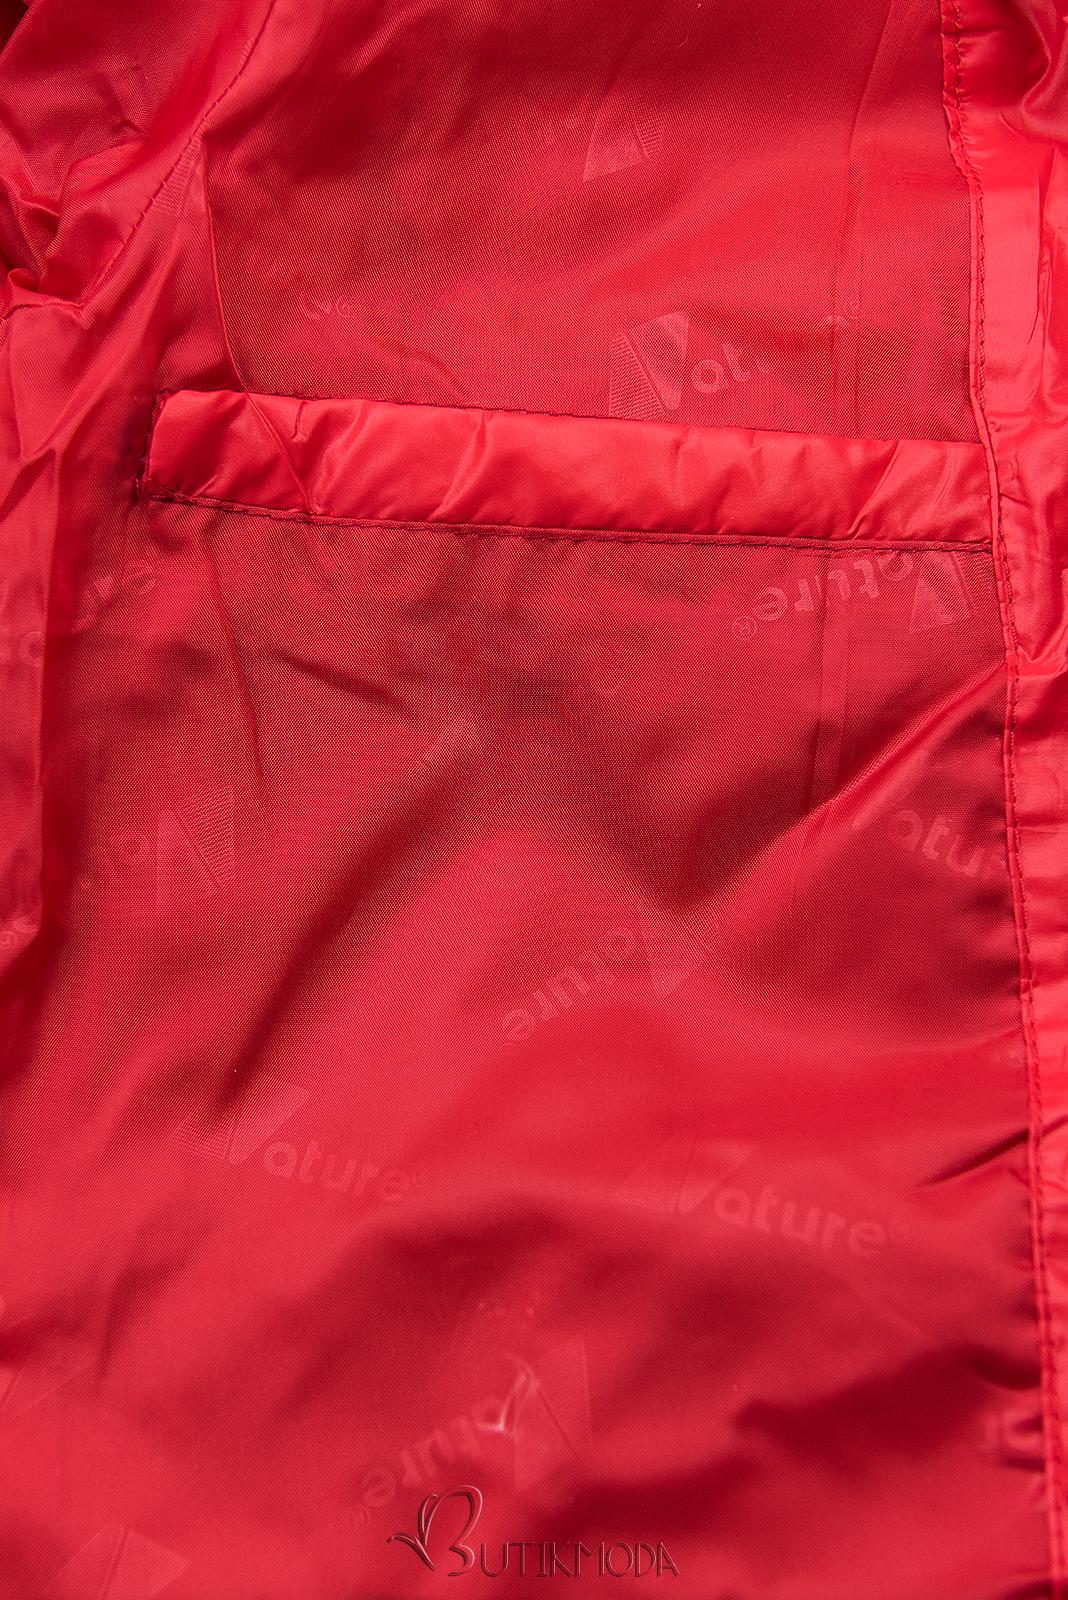 Leichte Übergangsjacke mit Kapuze rot